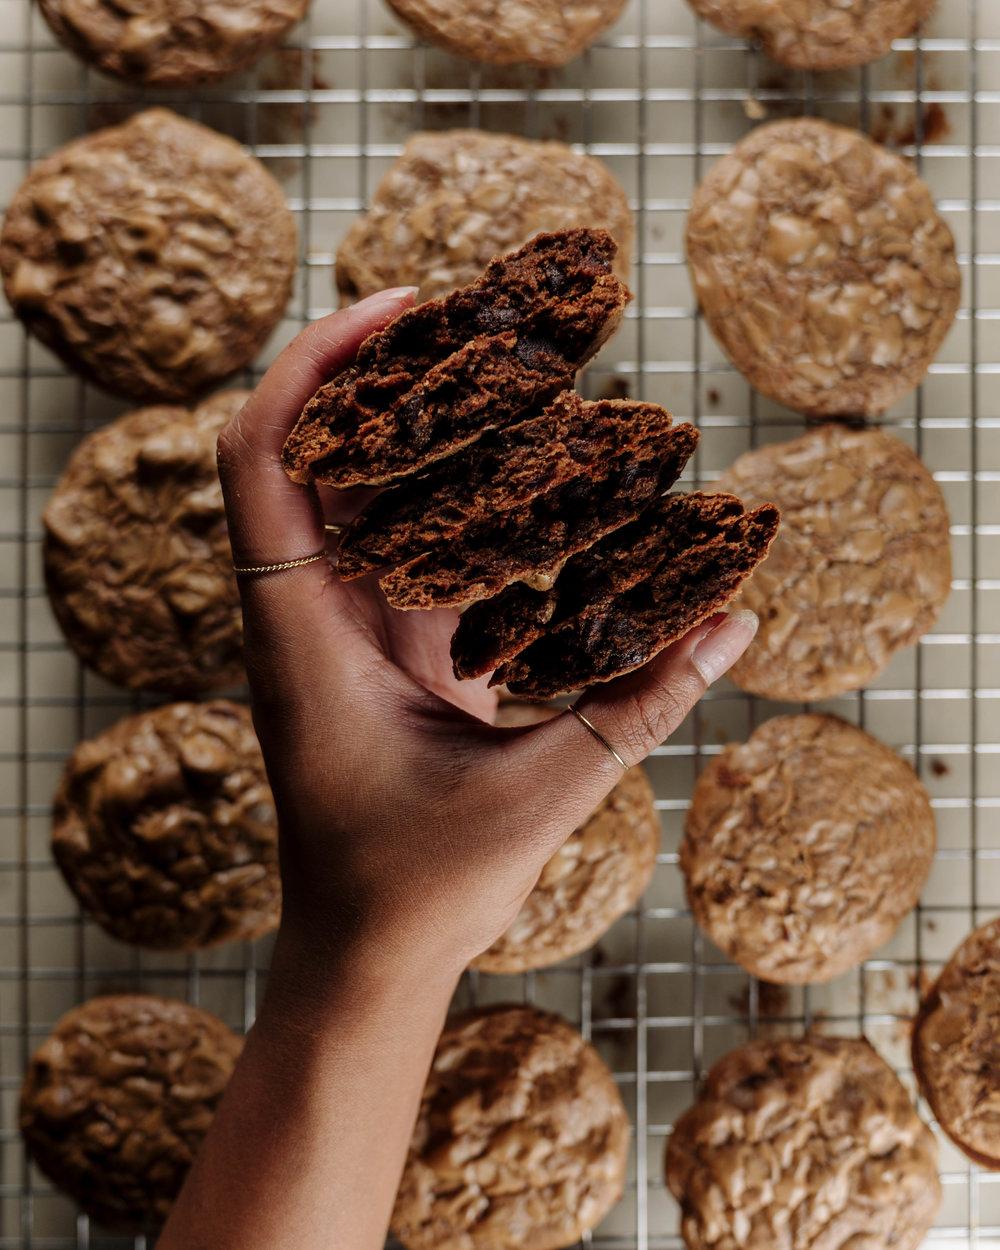 17-09-16-BrownieCookies-2.jpg